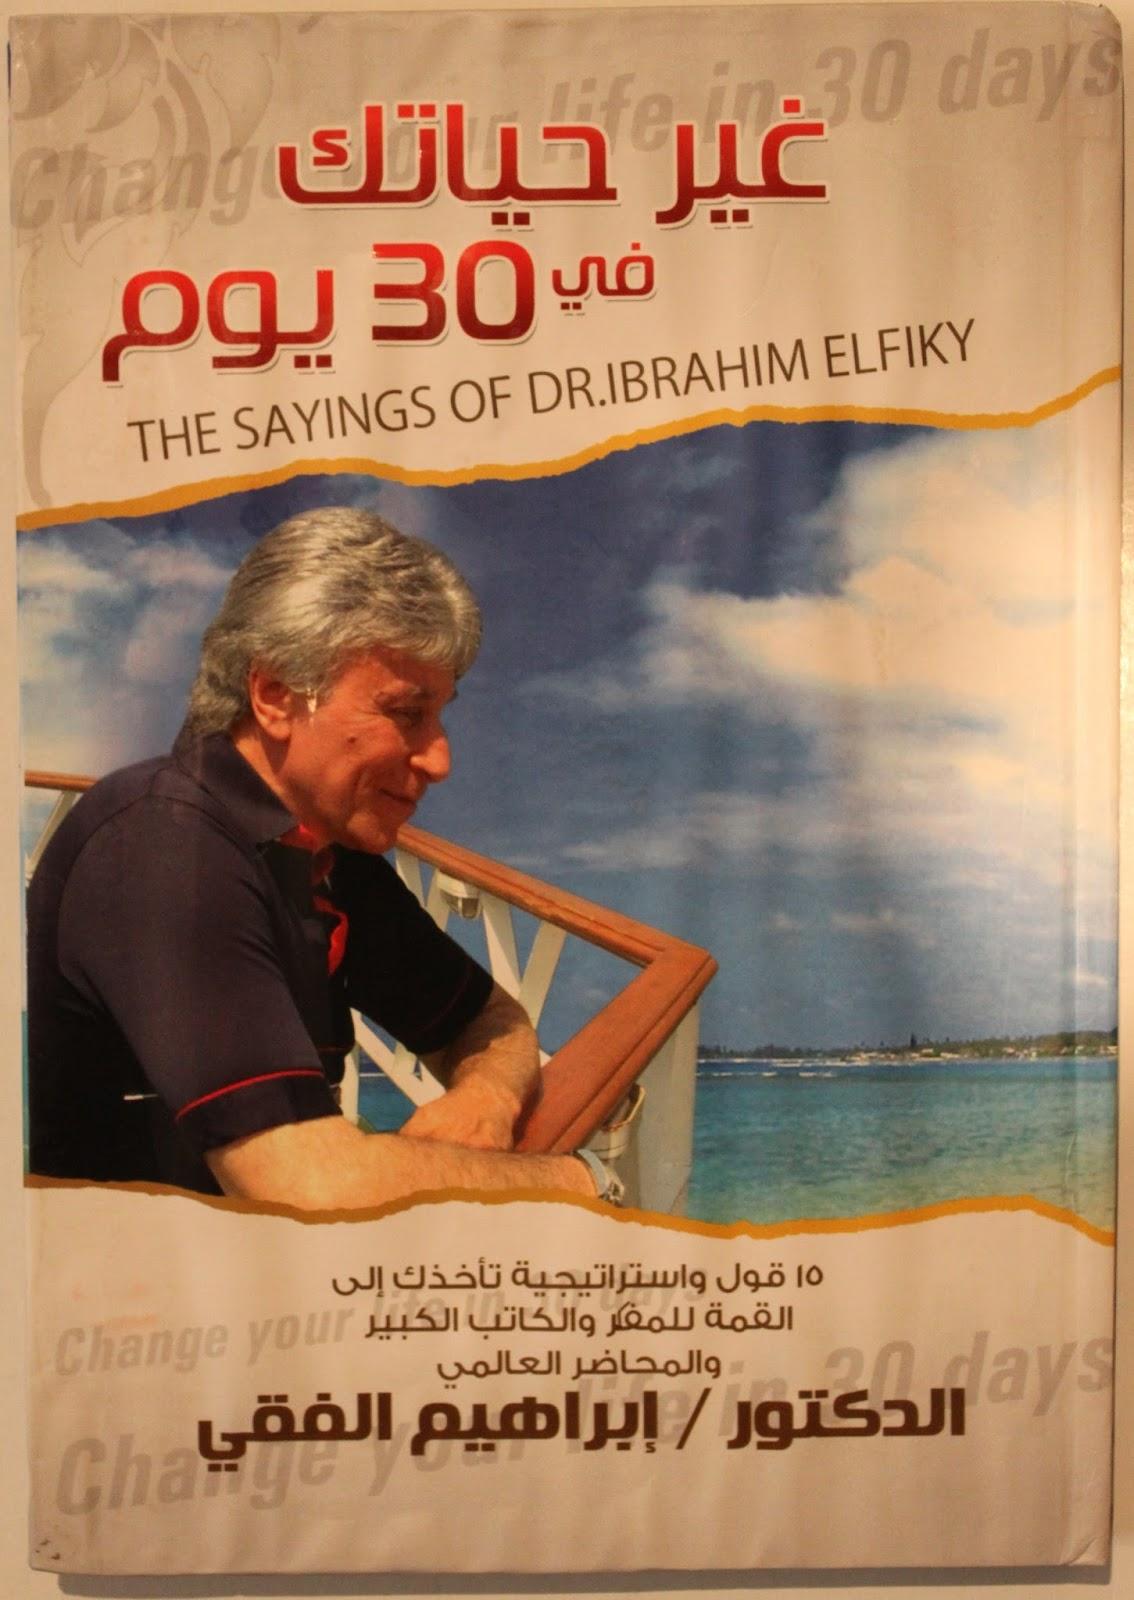 صورة كتاب غير حياتك في 30 يوما – إبراهيم الفقي